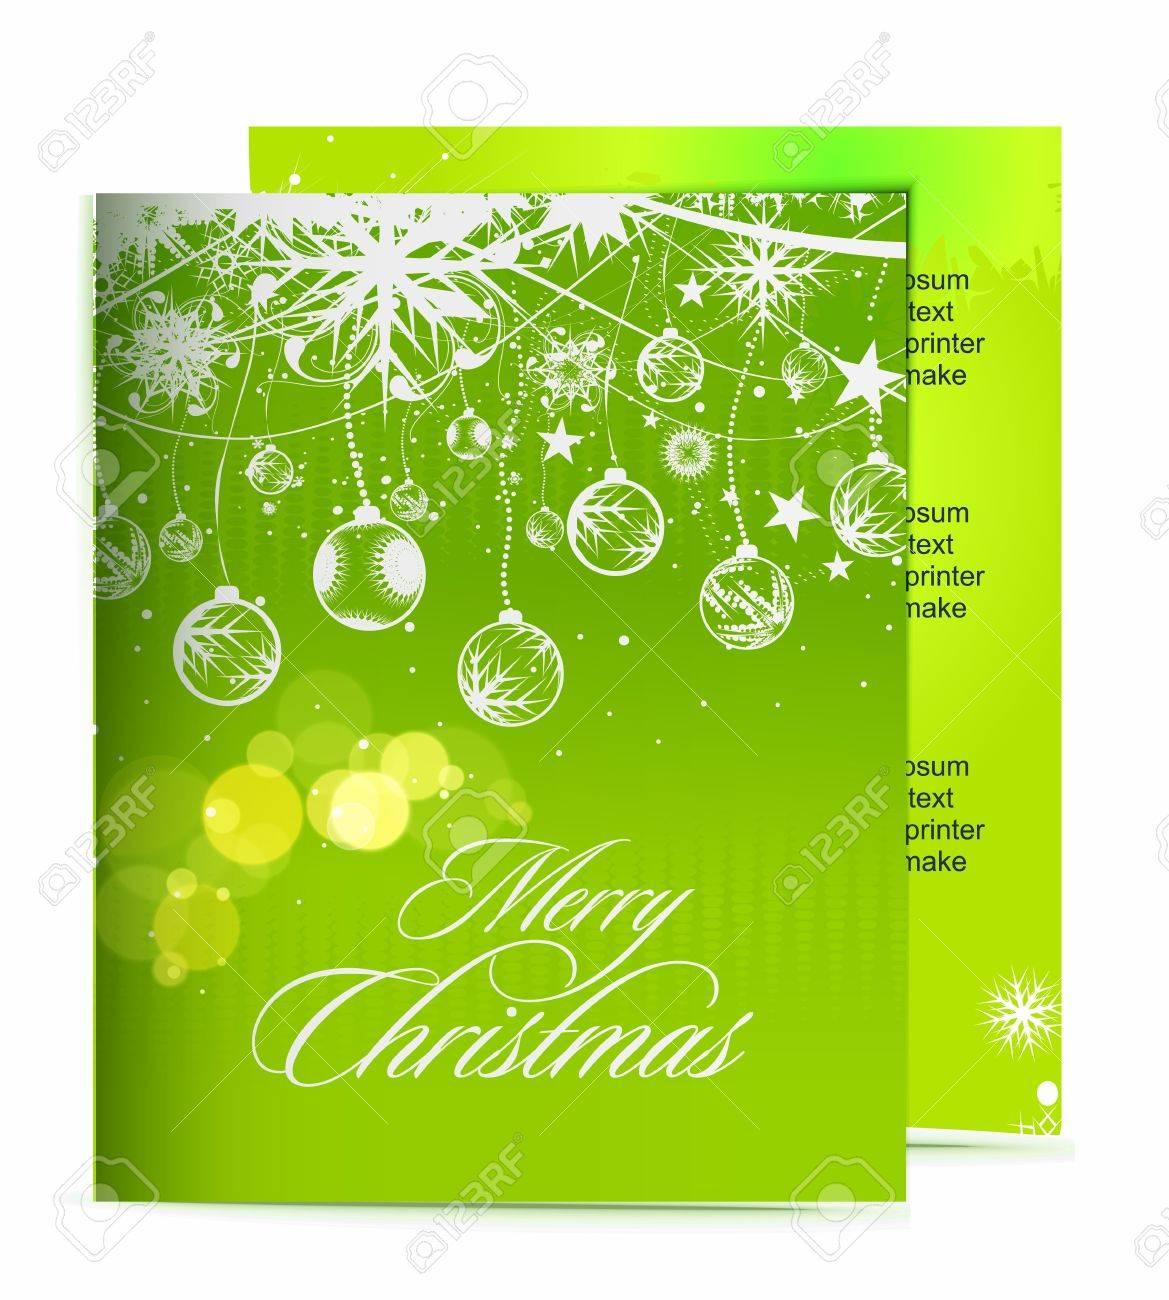 christmas template designs of menu best used of your flyer christmas template designs of menu best used of your flyer project stock vector